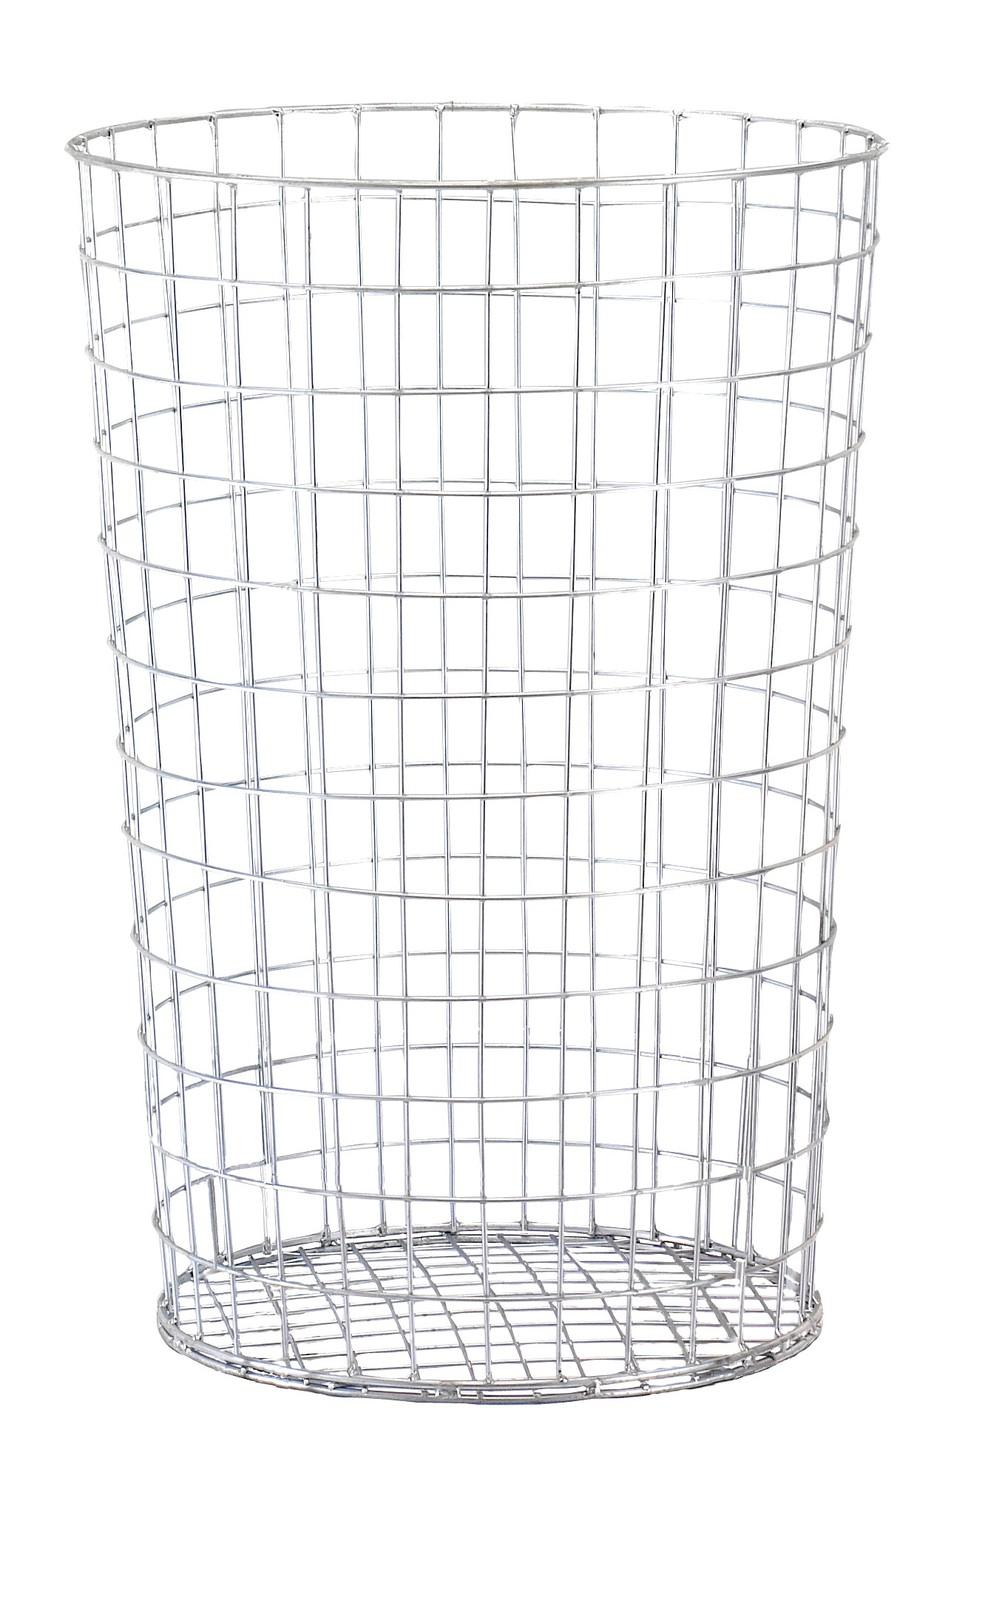 Rwb round wire basket